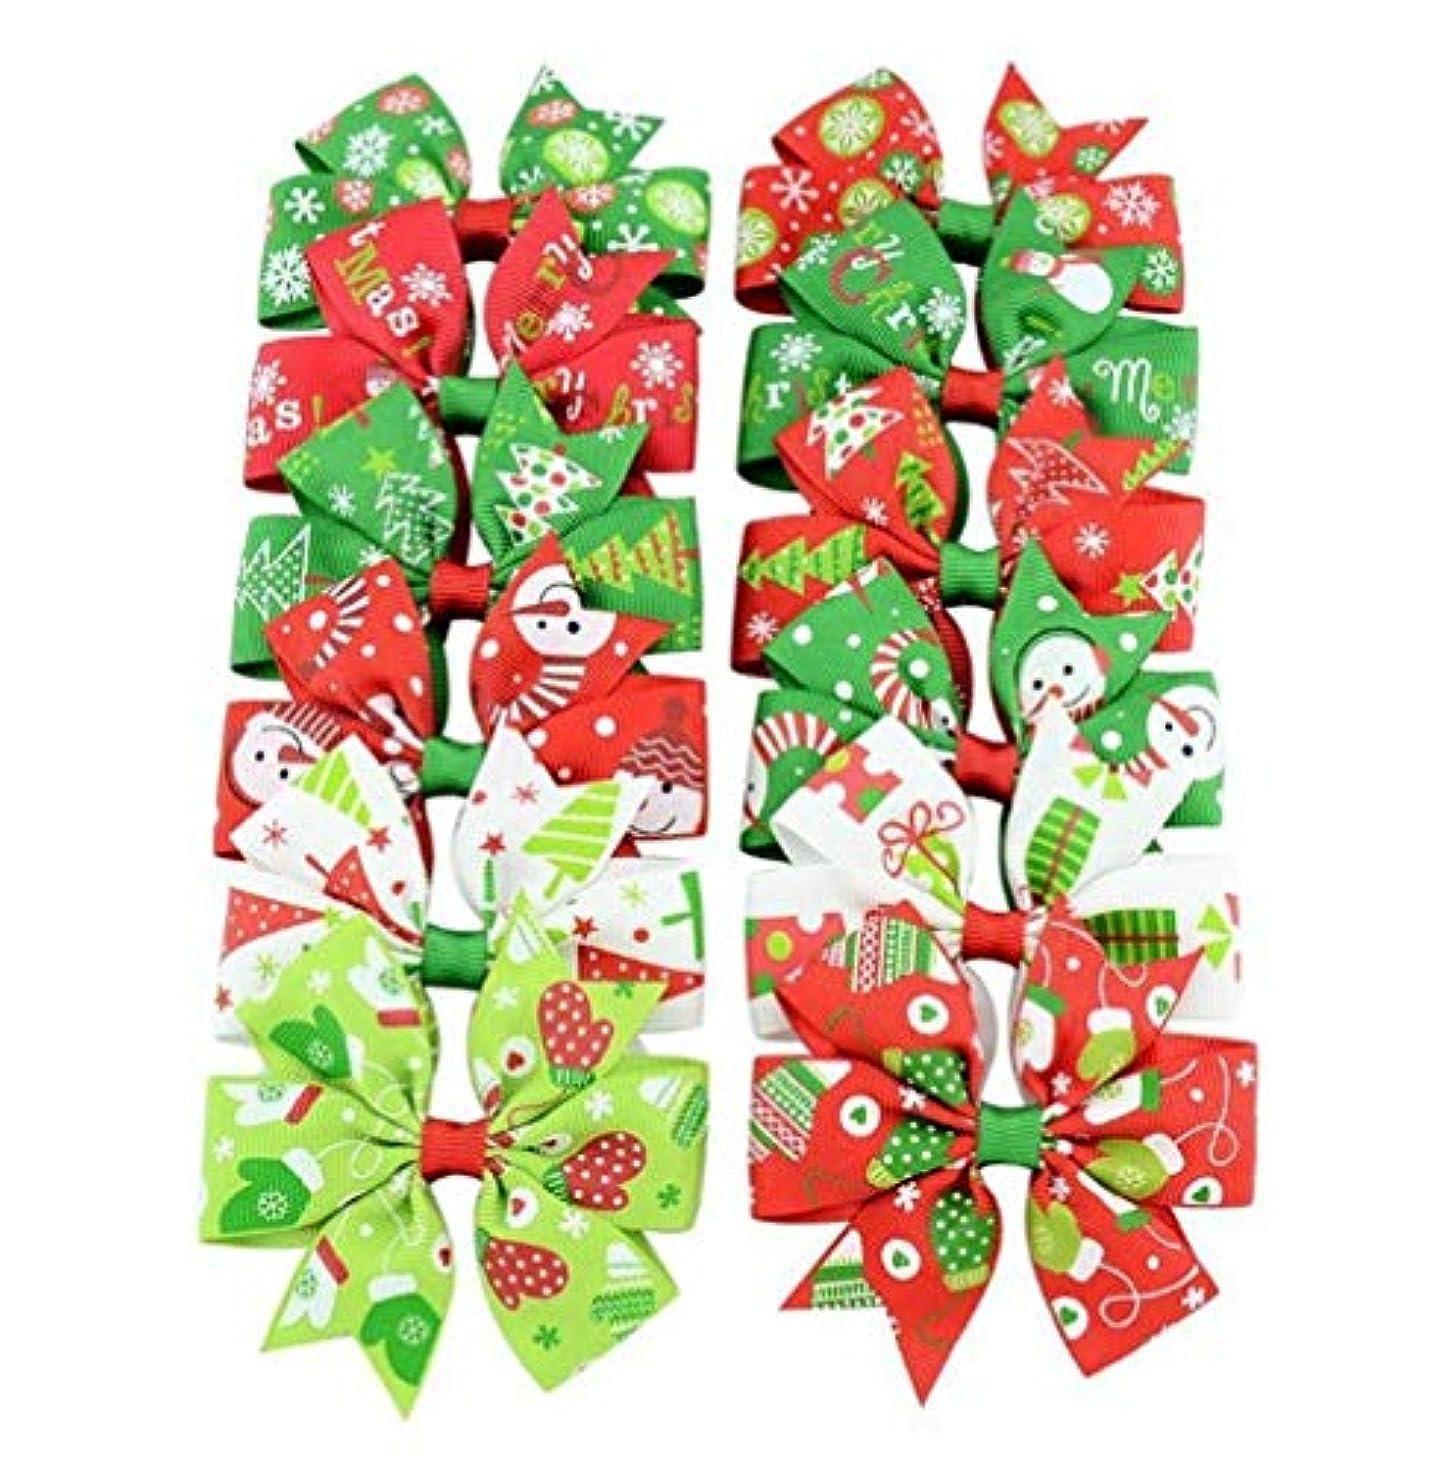 不毛レベル月曜HPYOD HOME 蝶ネクタイ女の赤ちゃんかわいいヘアピンクリスマスレインボーカラーリボンクリスマスプレゼント(ランダムカラー)12PCS